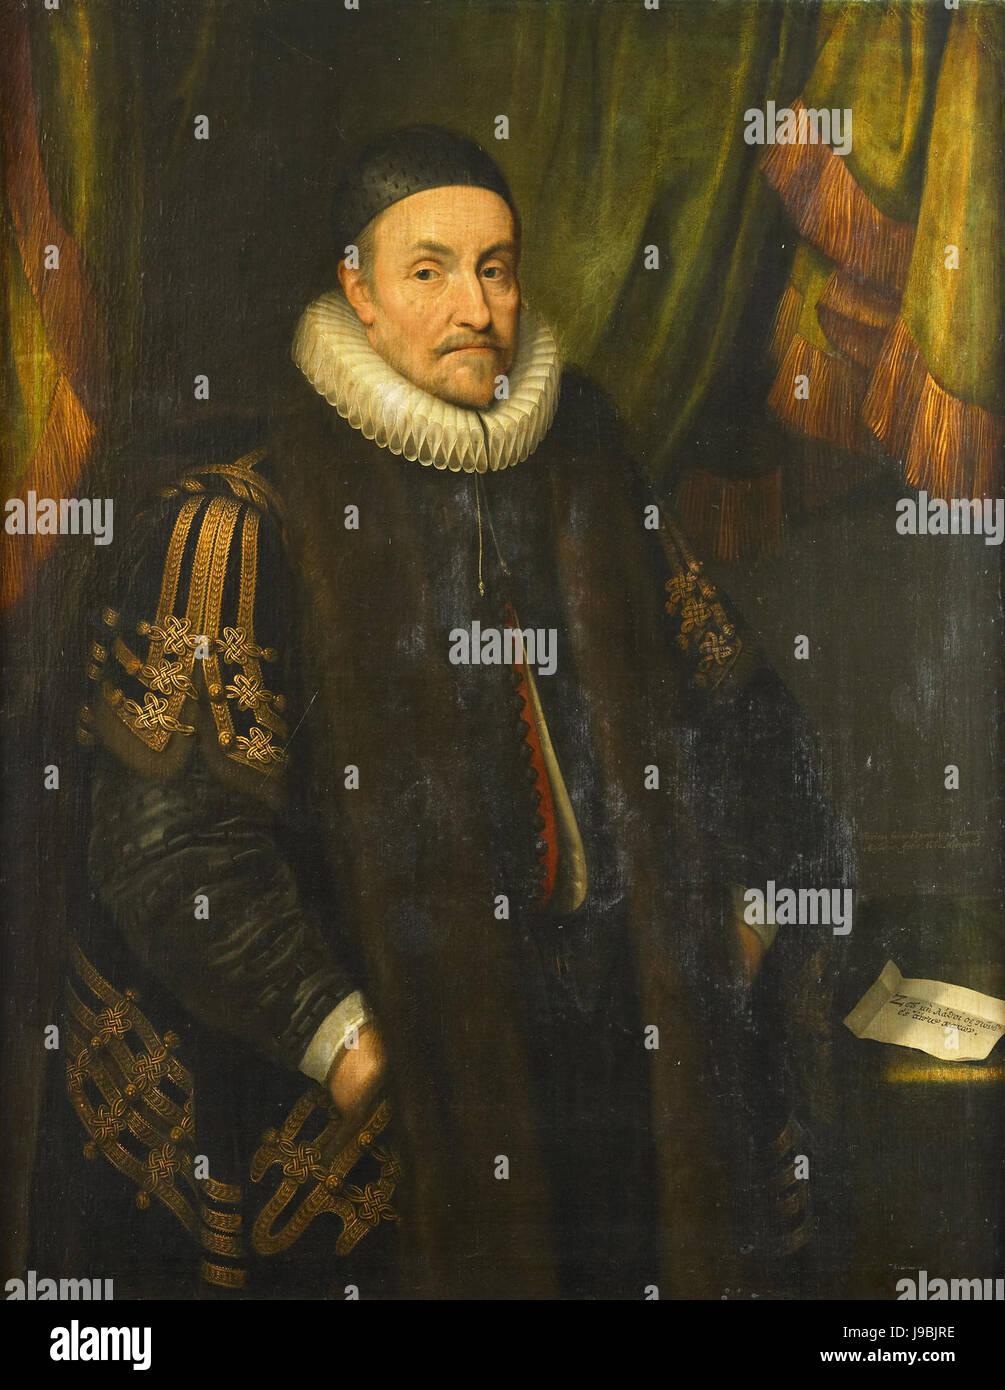 Portret van Willem I (1533 84), prins van Oranje, genaamd Willem de